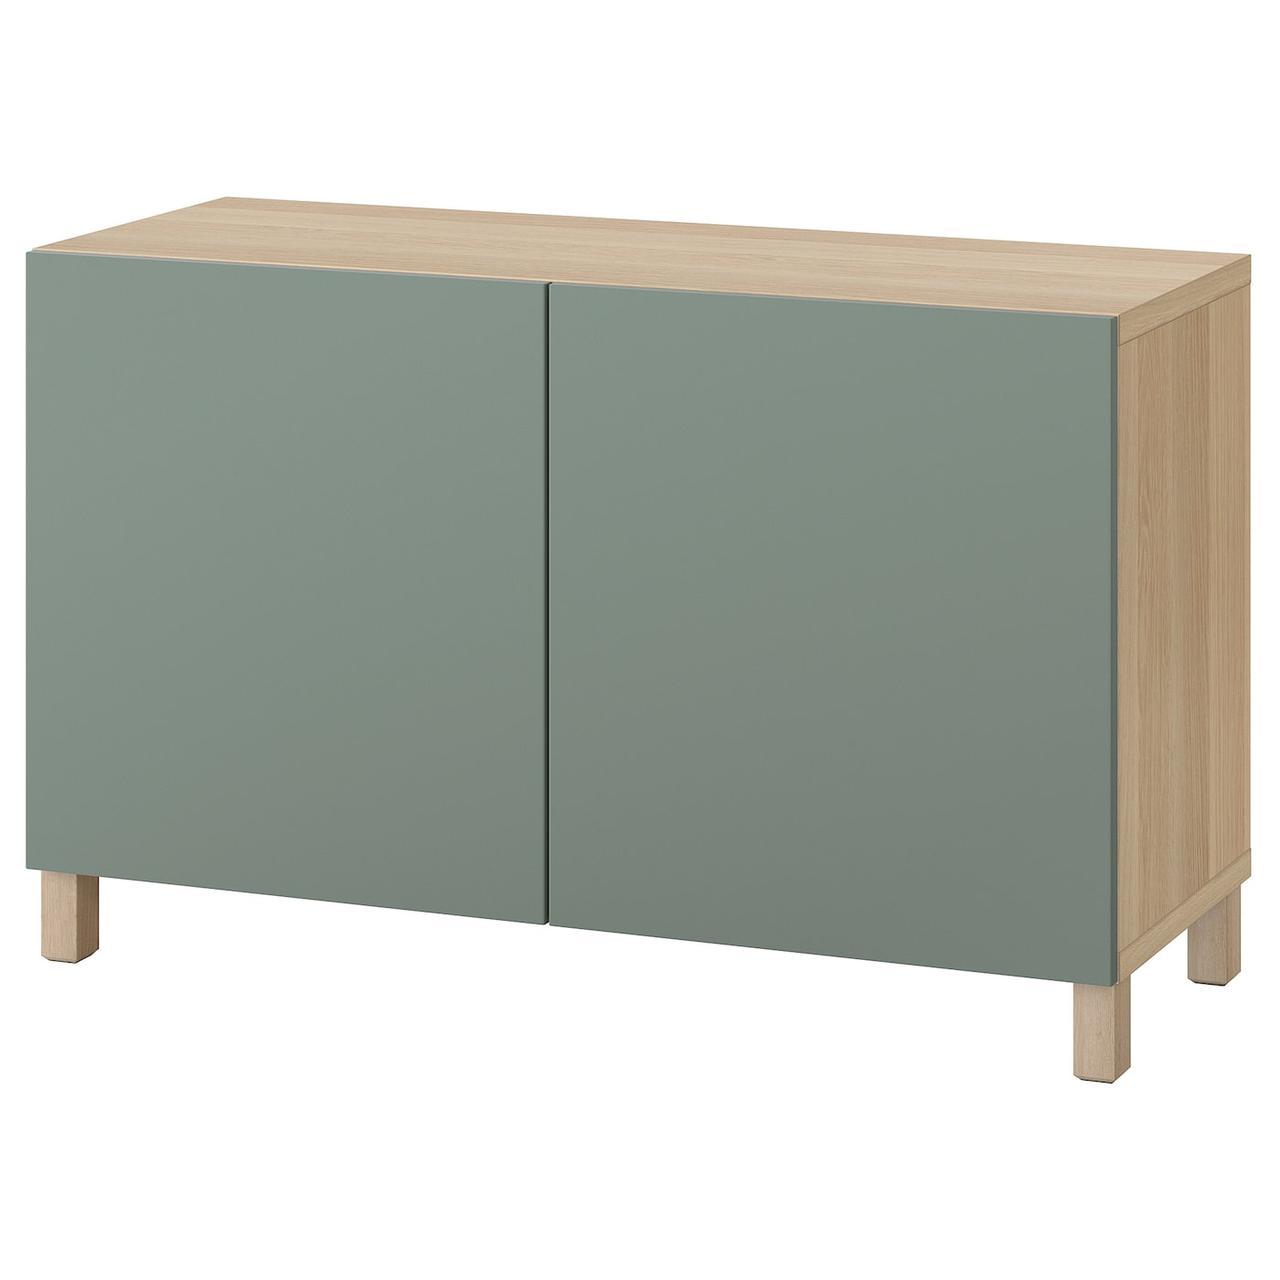 IKEA BESTÅ Комбінація з дверцятами дуб bejcowany на біло/Notviken/Stubbarp полину 120x42x74 см